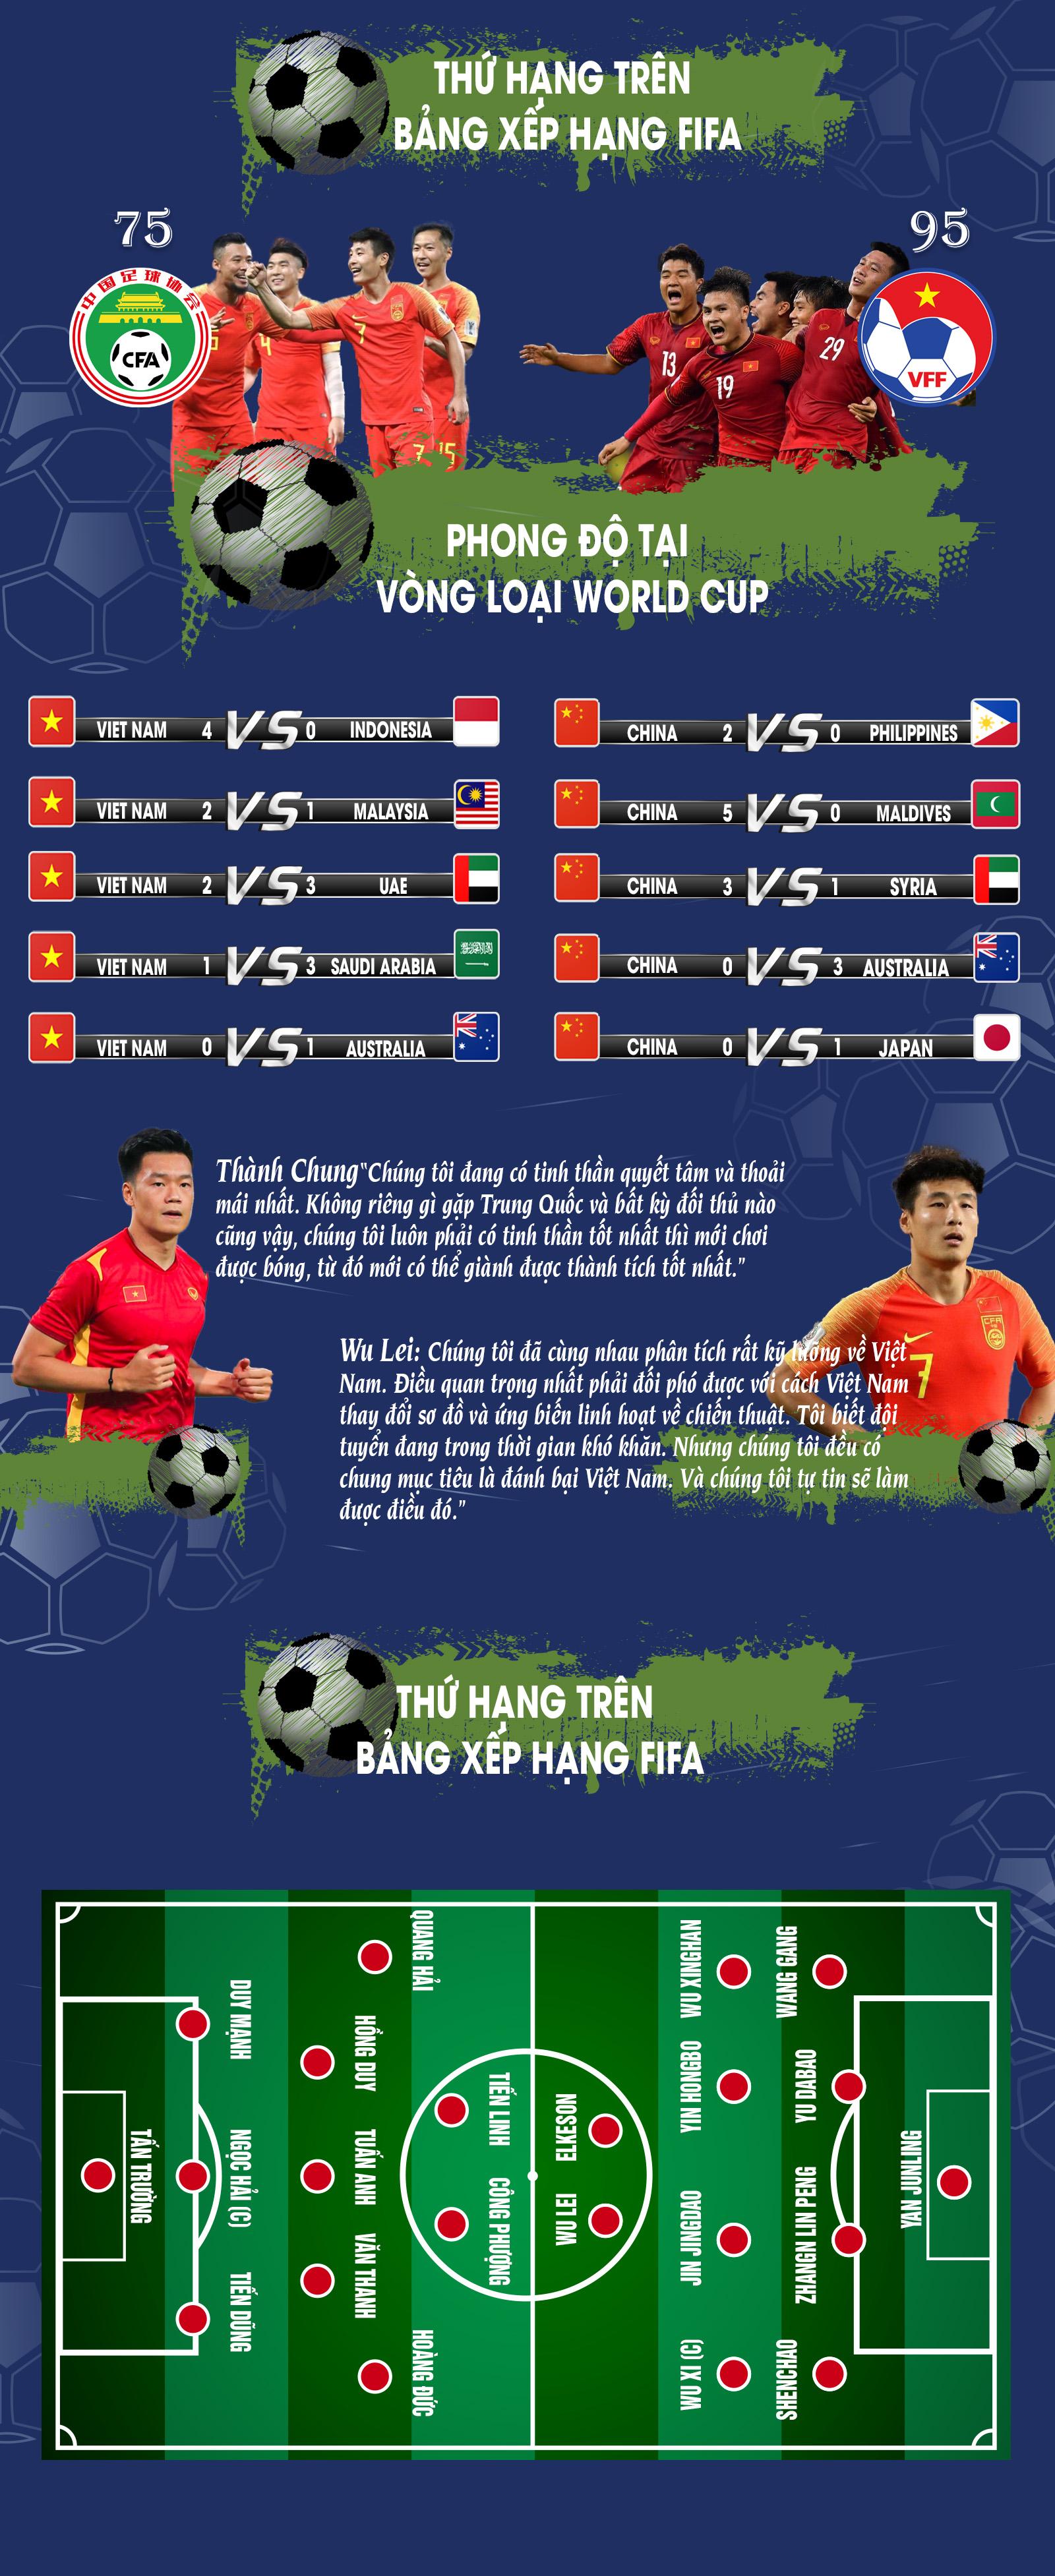 [Infographic] Vòng loại World Cup 2022: Đối đầu Việt Nam - Trung Quốc -0